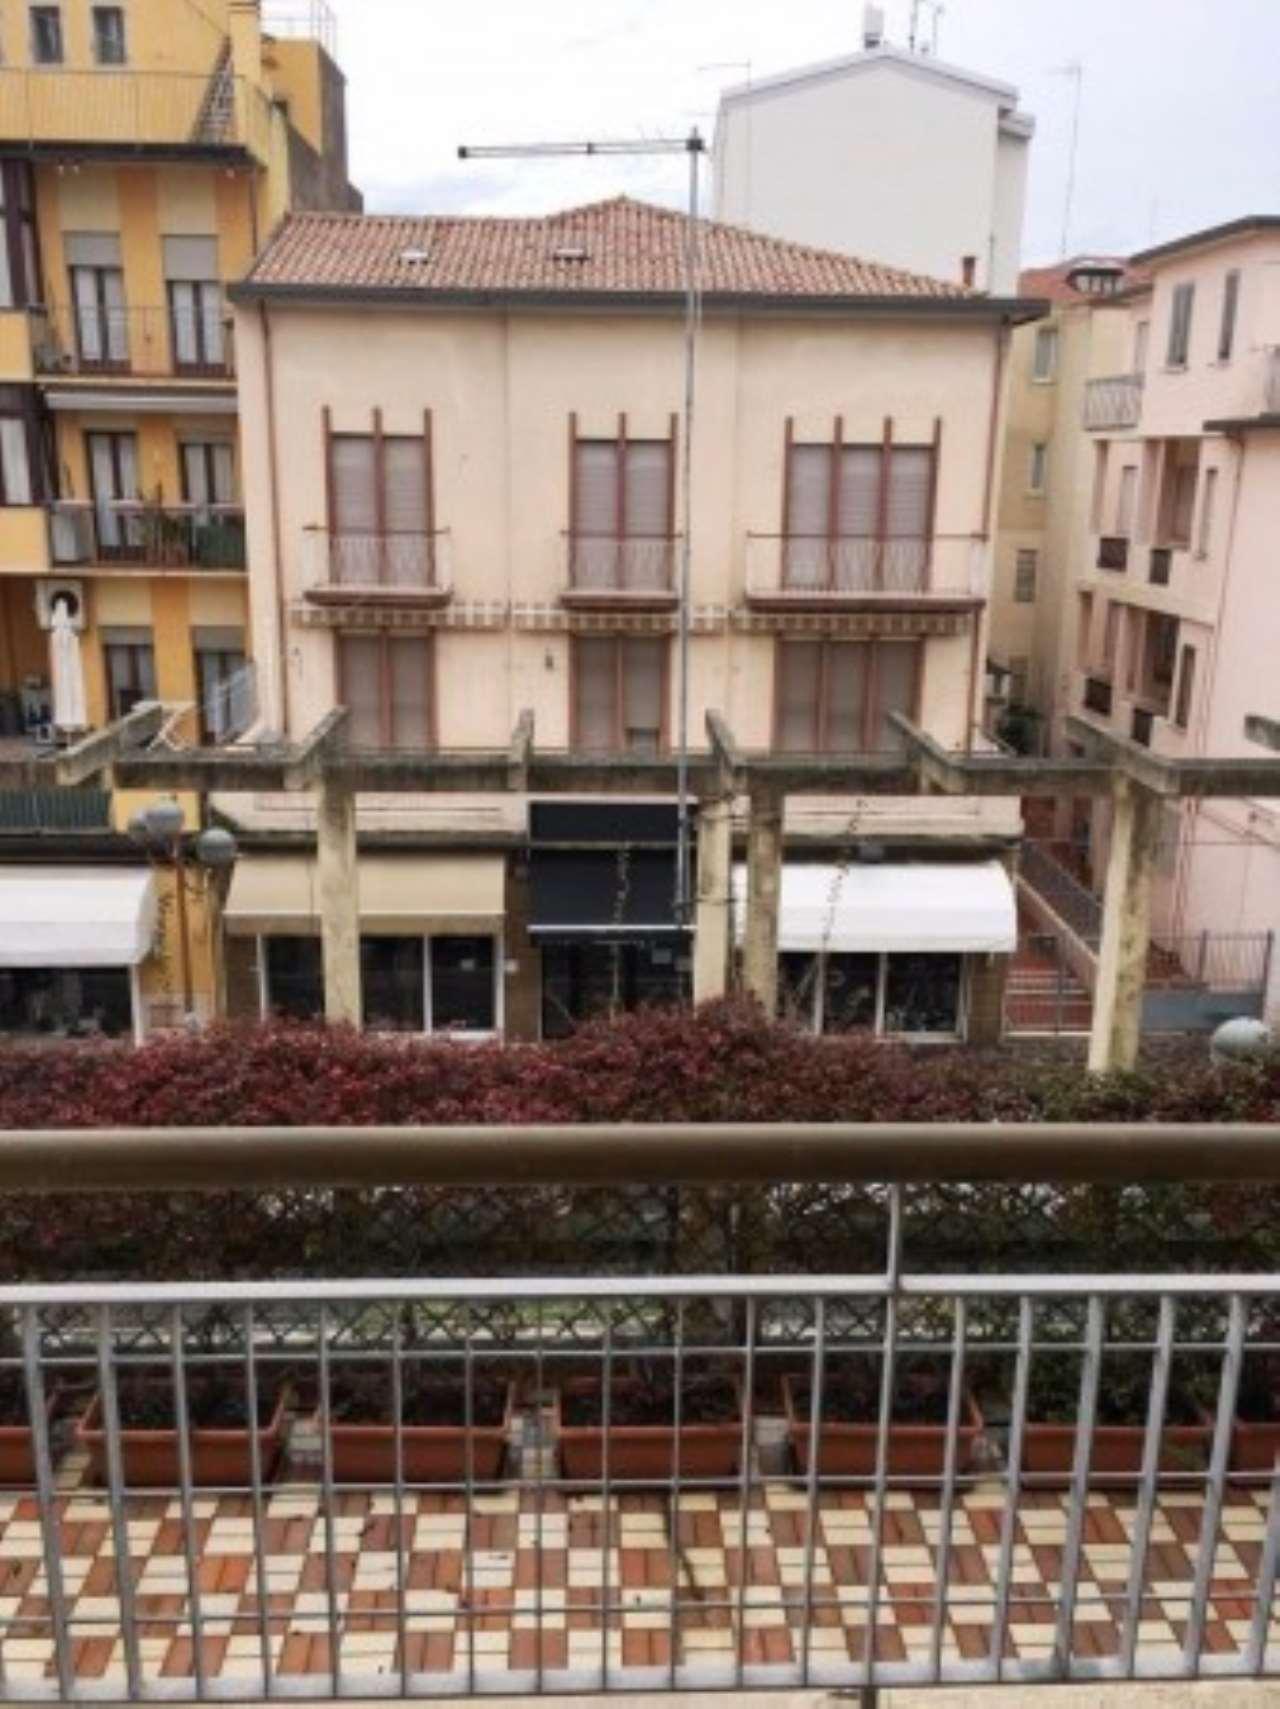 Ufficio / Studio in affitto a Chioggia, 3 locali, prezzo € 550 | Cambio Casa.it